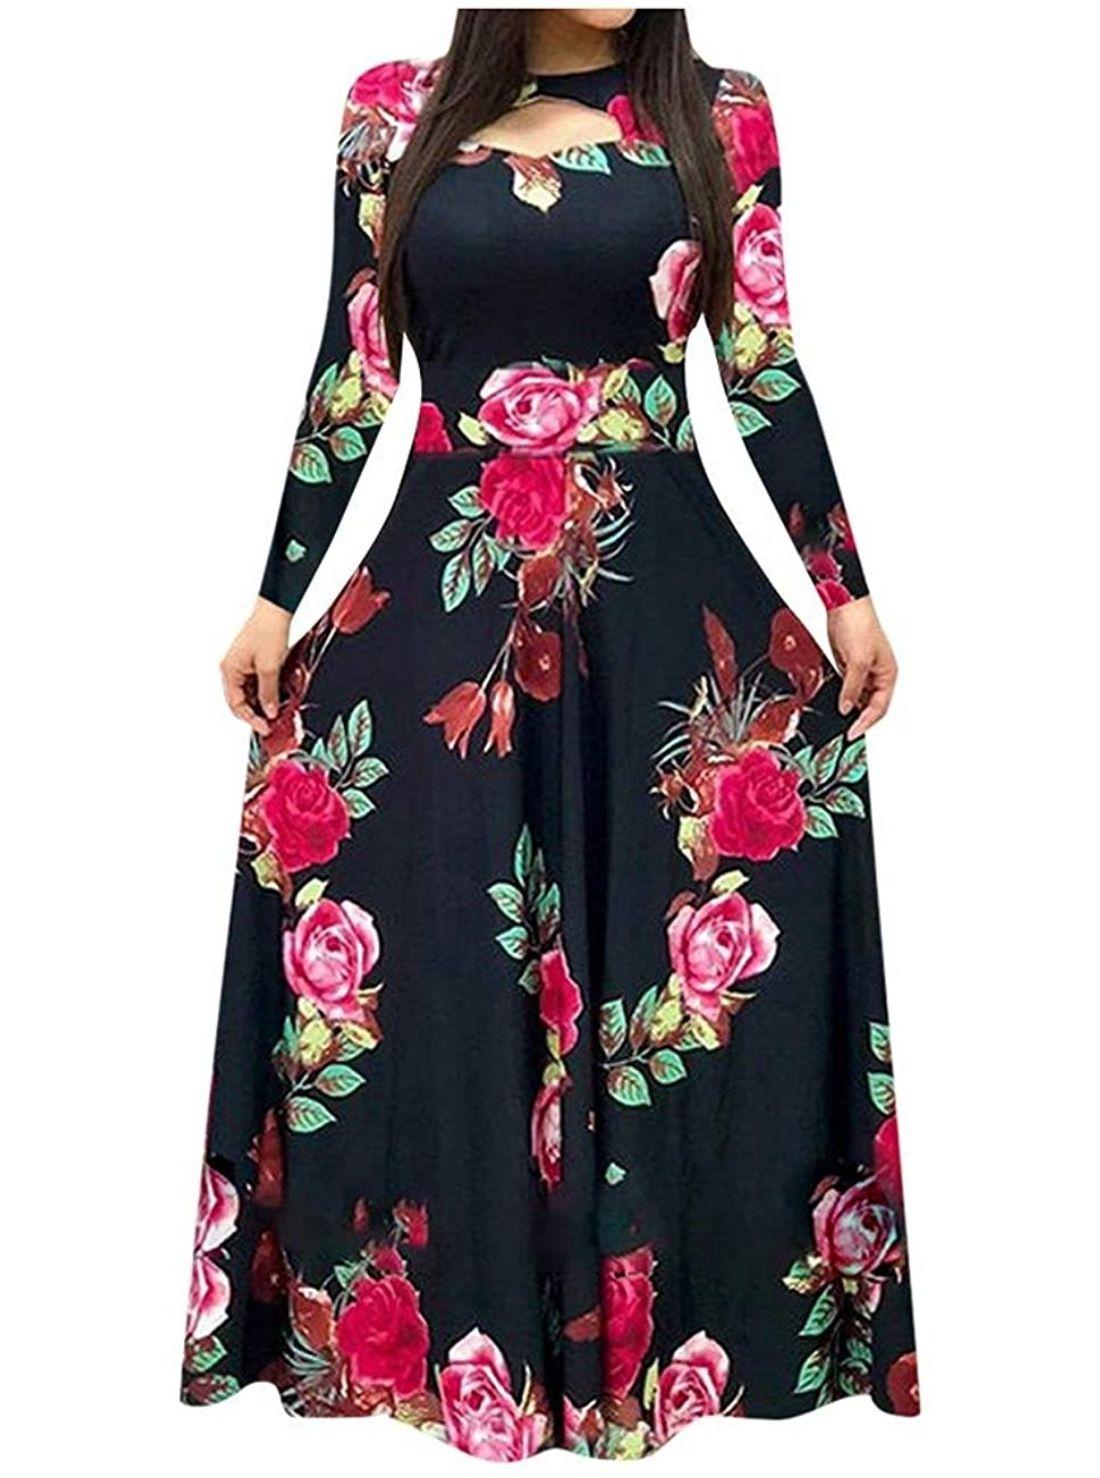 Wholesale Floral Casual Dresses